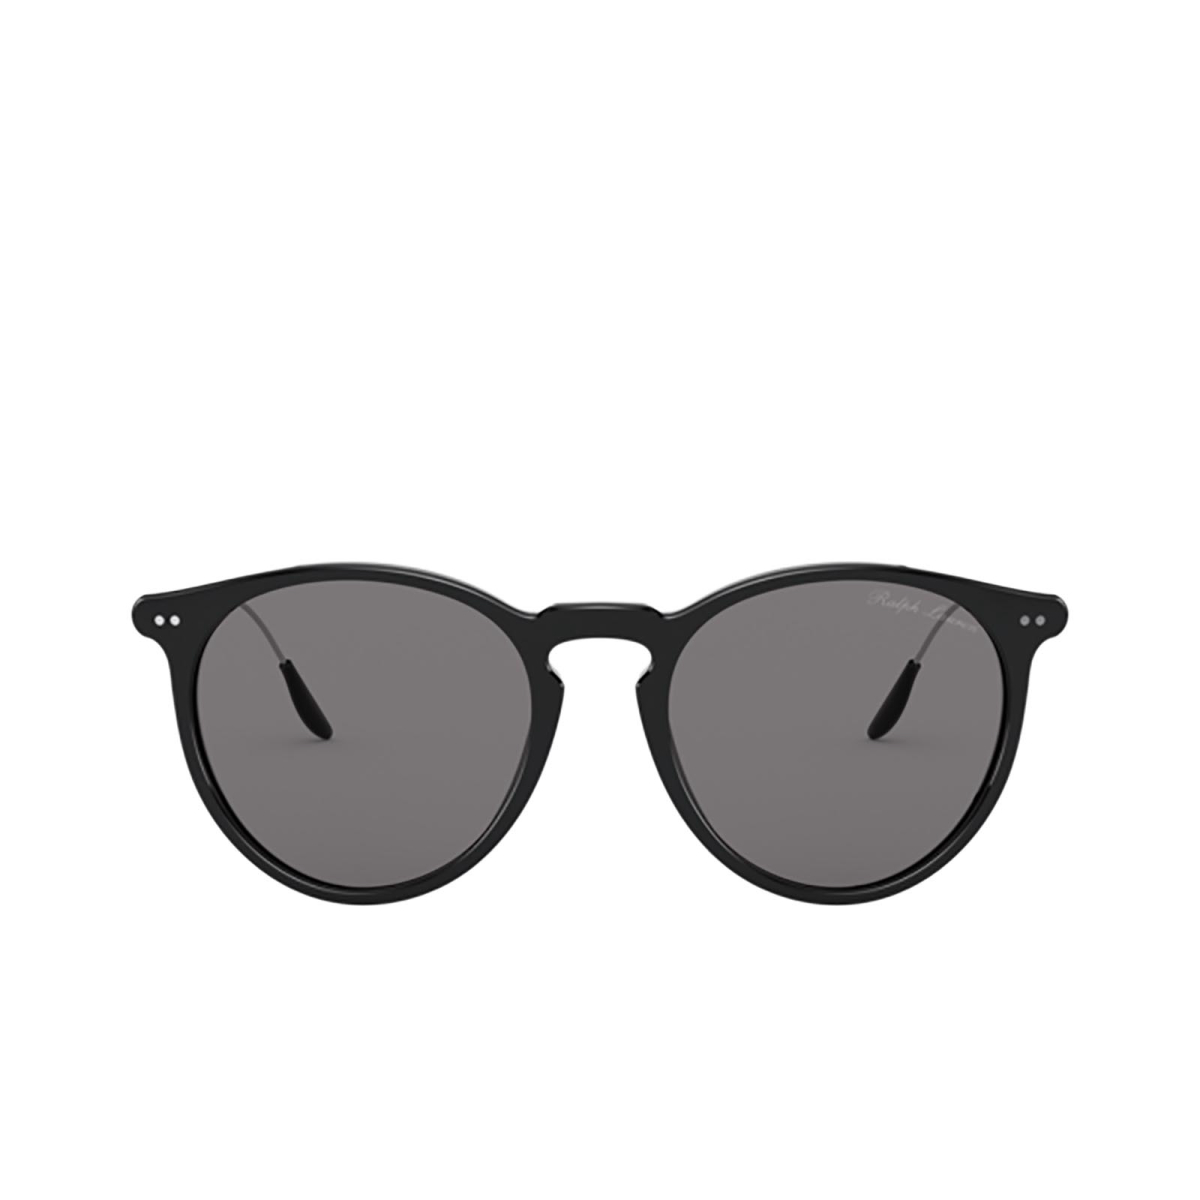 Ralph Lauren® Round Sunglasses: RL8181P color Shiny Black 5001R5 - front view.